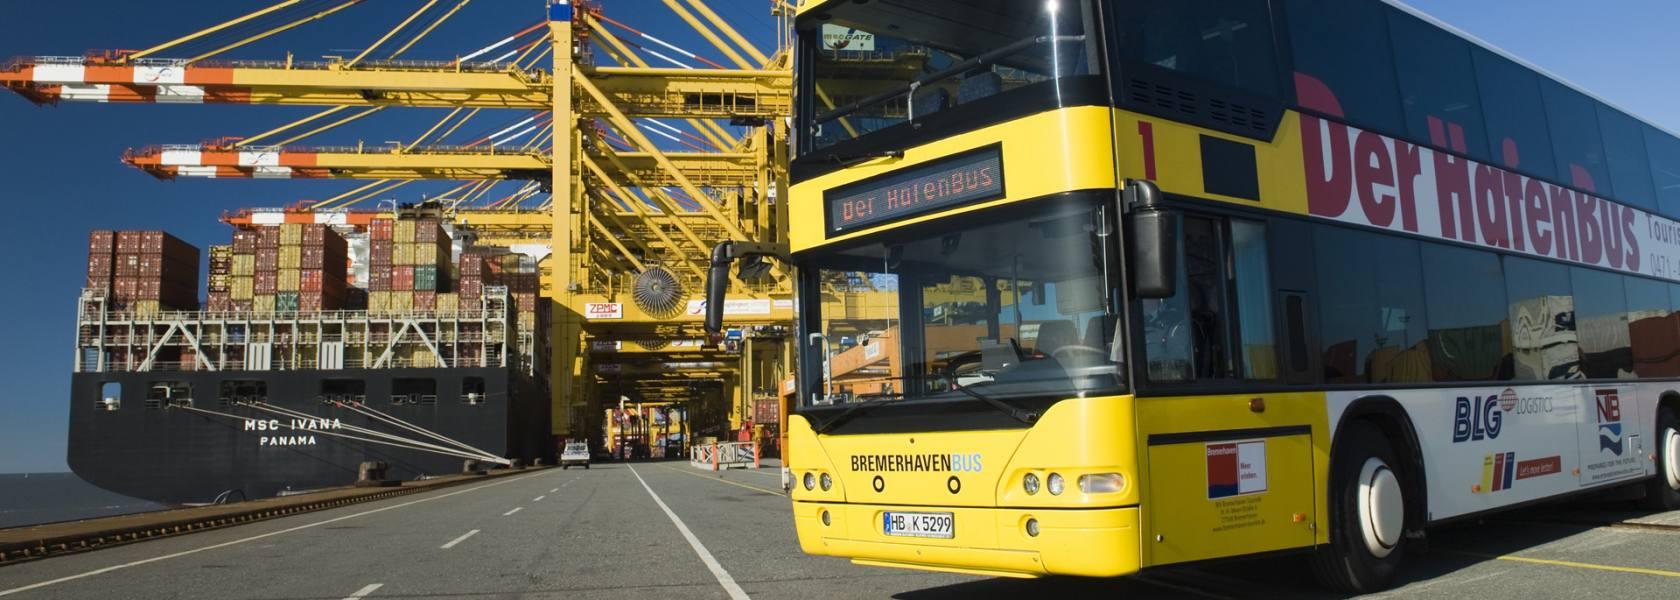 Hafenbus Bremerhafen, © Markus-D. Abeling, Erlebnis Bremerhaven